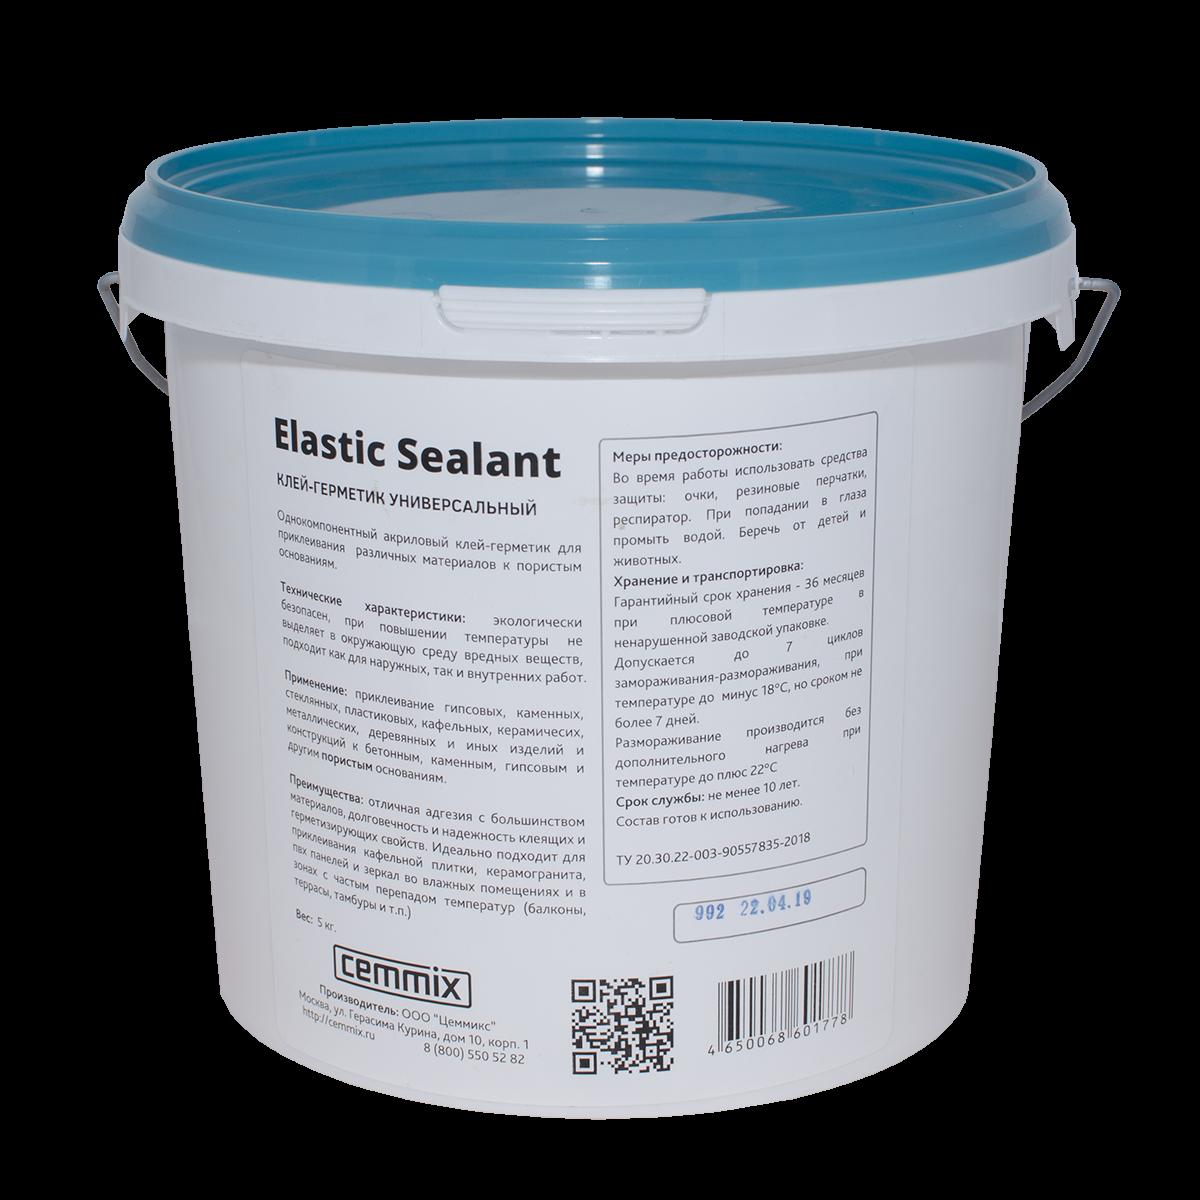 Elastic Sealant